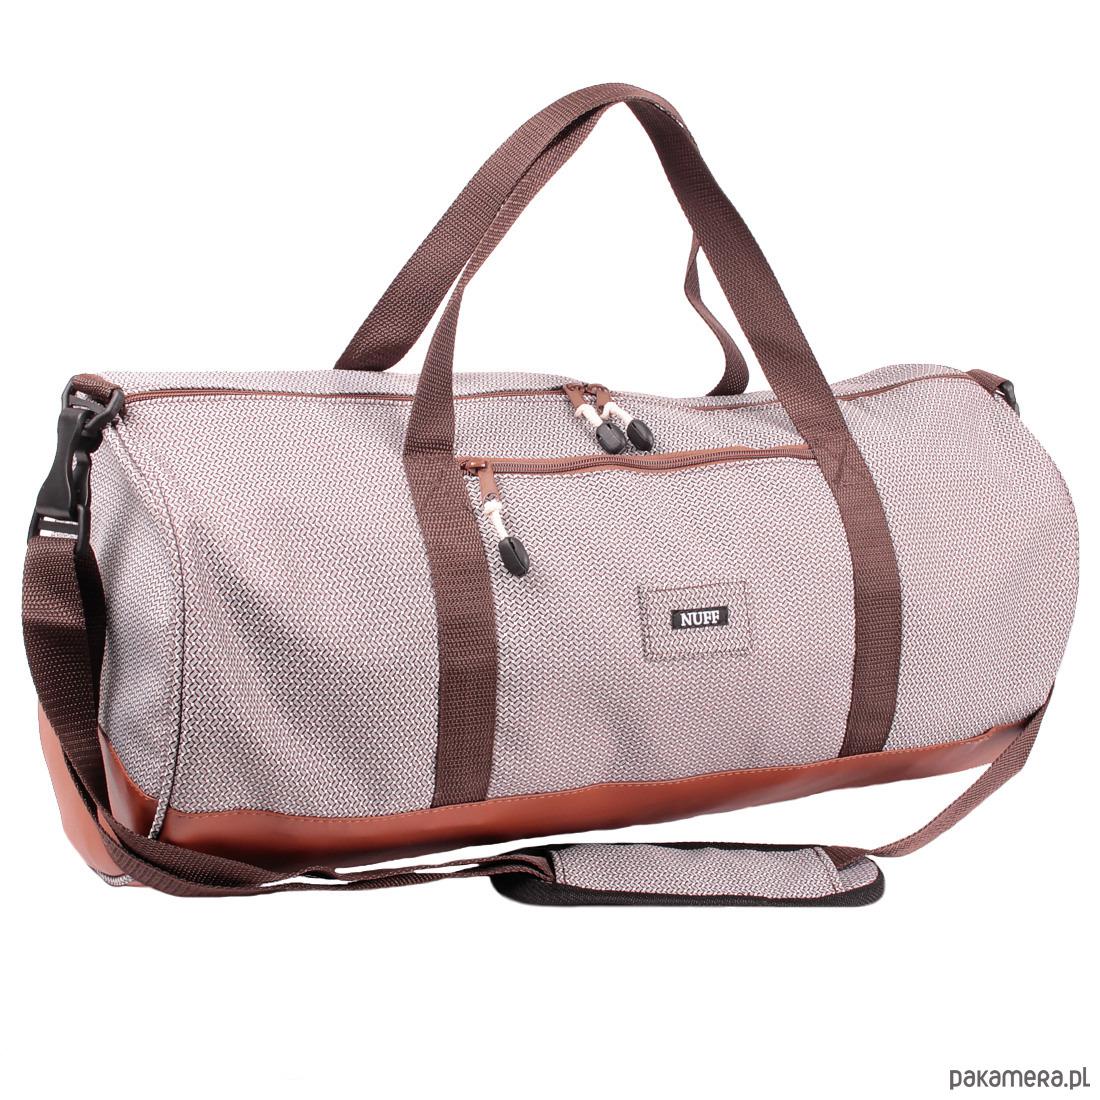 5d0ae3ee96bbc torby podróżne-Torba Sportowa podróżna Nuff Duffel bag